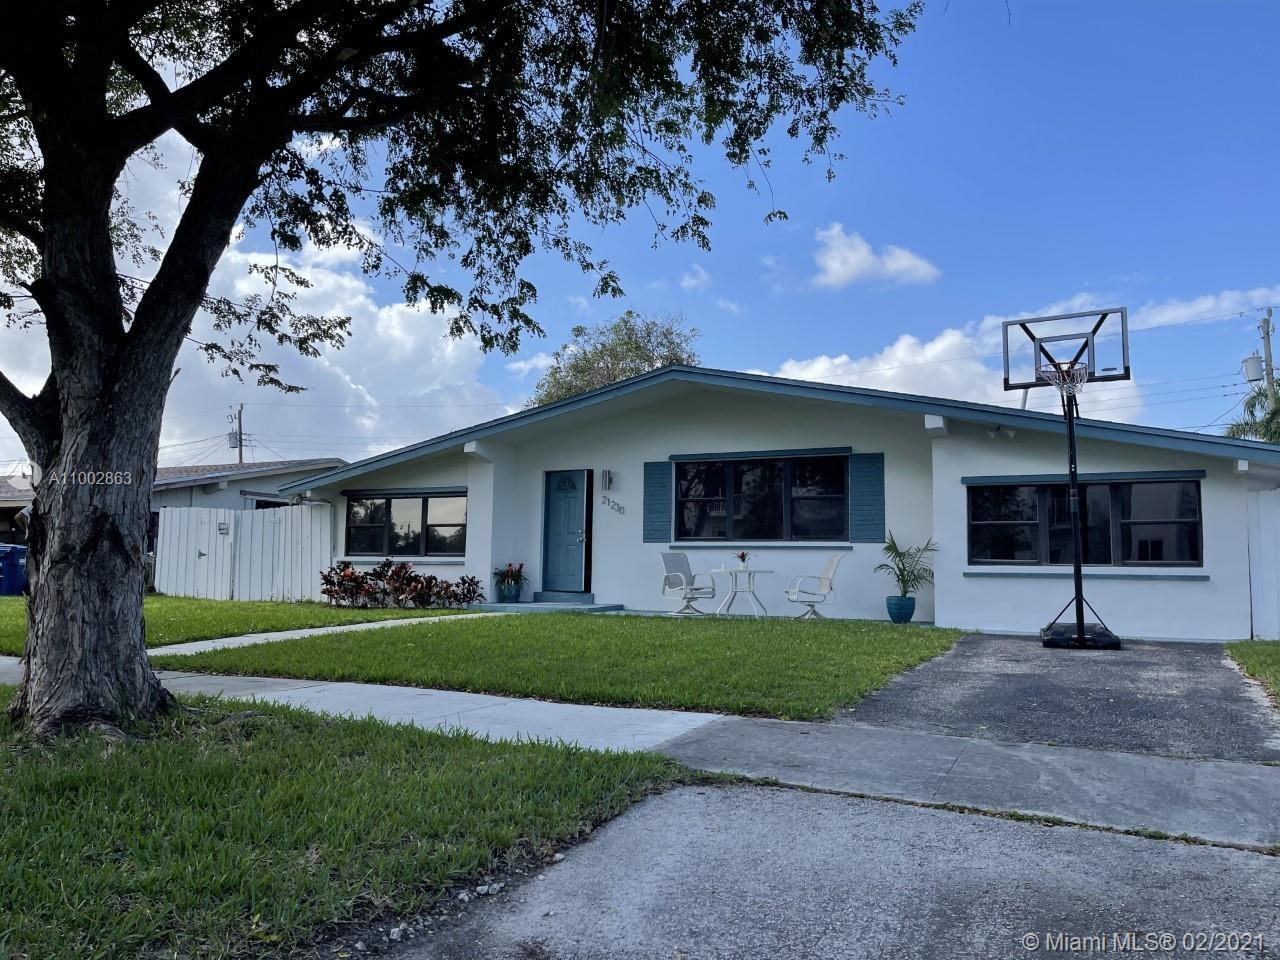 Sunswept Isle - 21230 NE 26th Ave, Miami, FL 33180